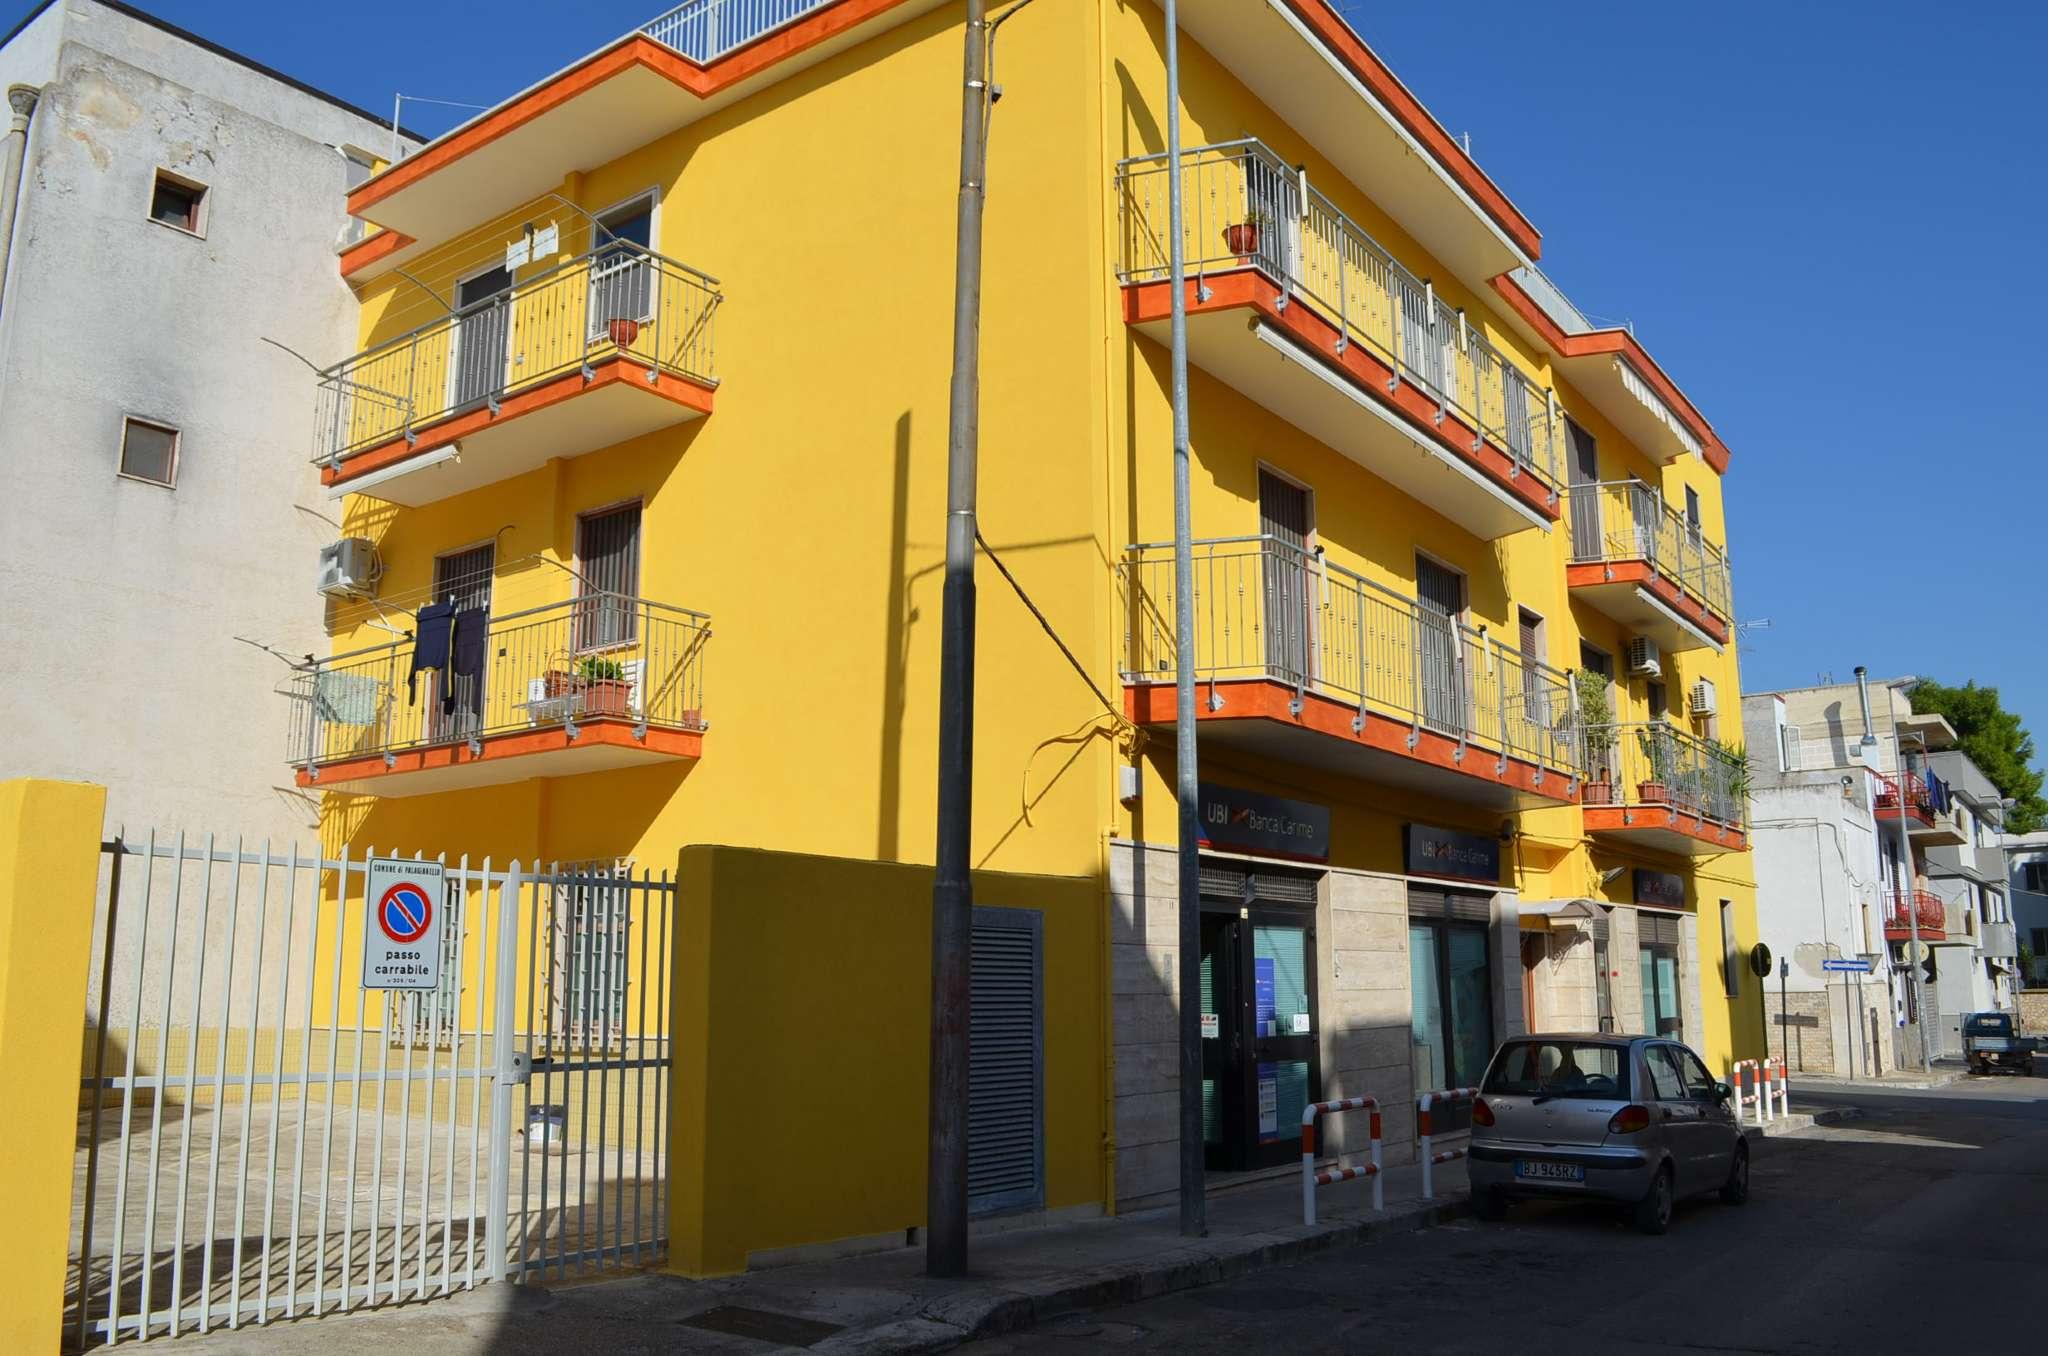 Ufficio / Studio in vendita a Palagianello, 6 locali, prezzo € 120.000 | PortaleAgenzieImmobiliari.it